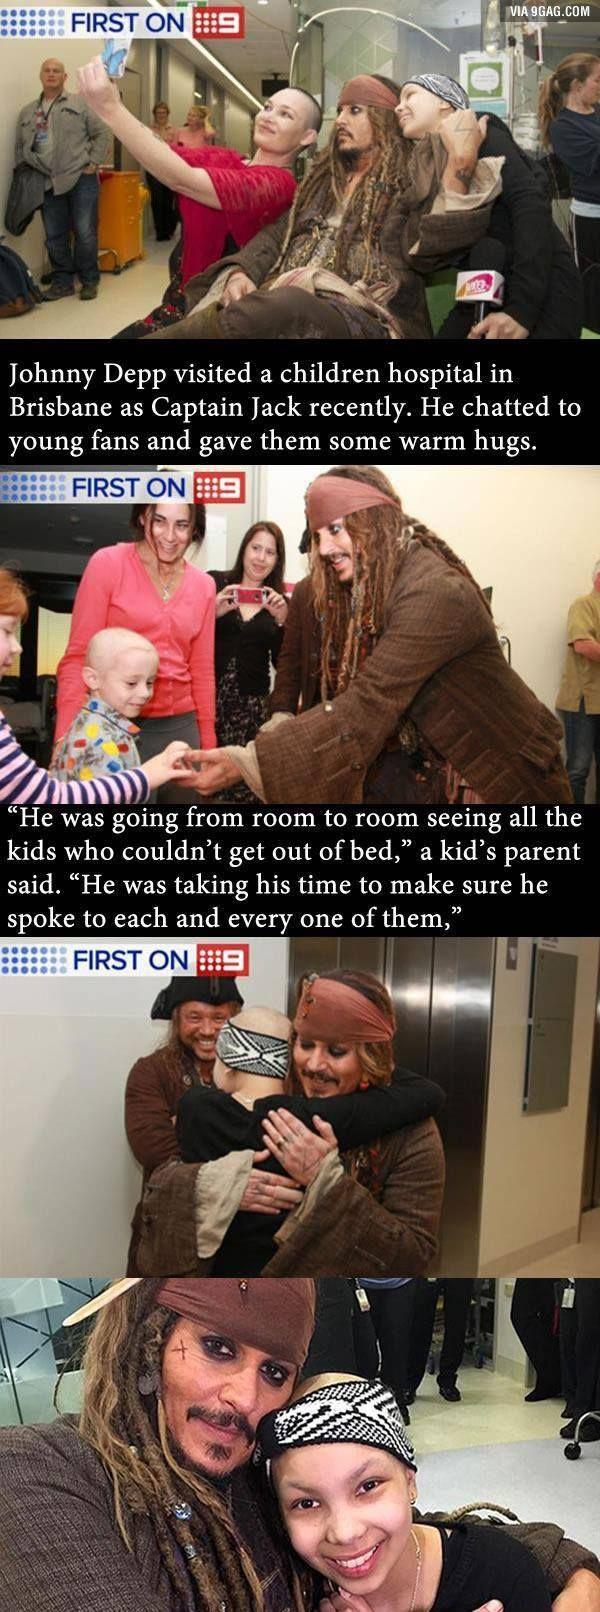 Como não amar!? Esse é o nosso capitão, Capitão Jack Sparrow #JohnnyDepp #PiratesoftheCaribbean